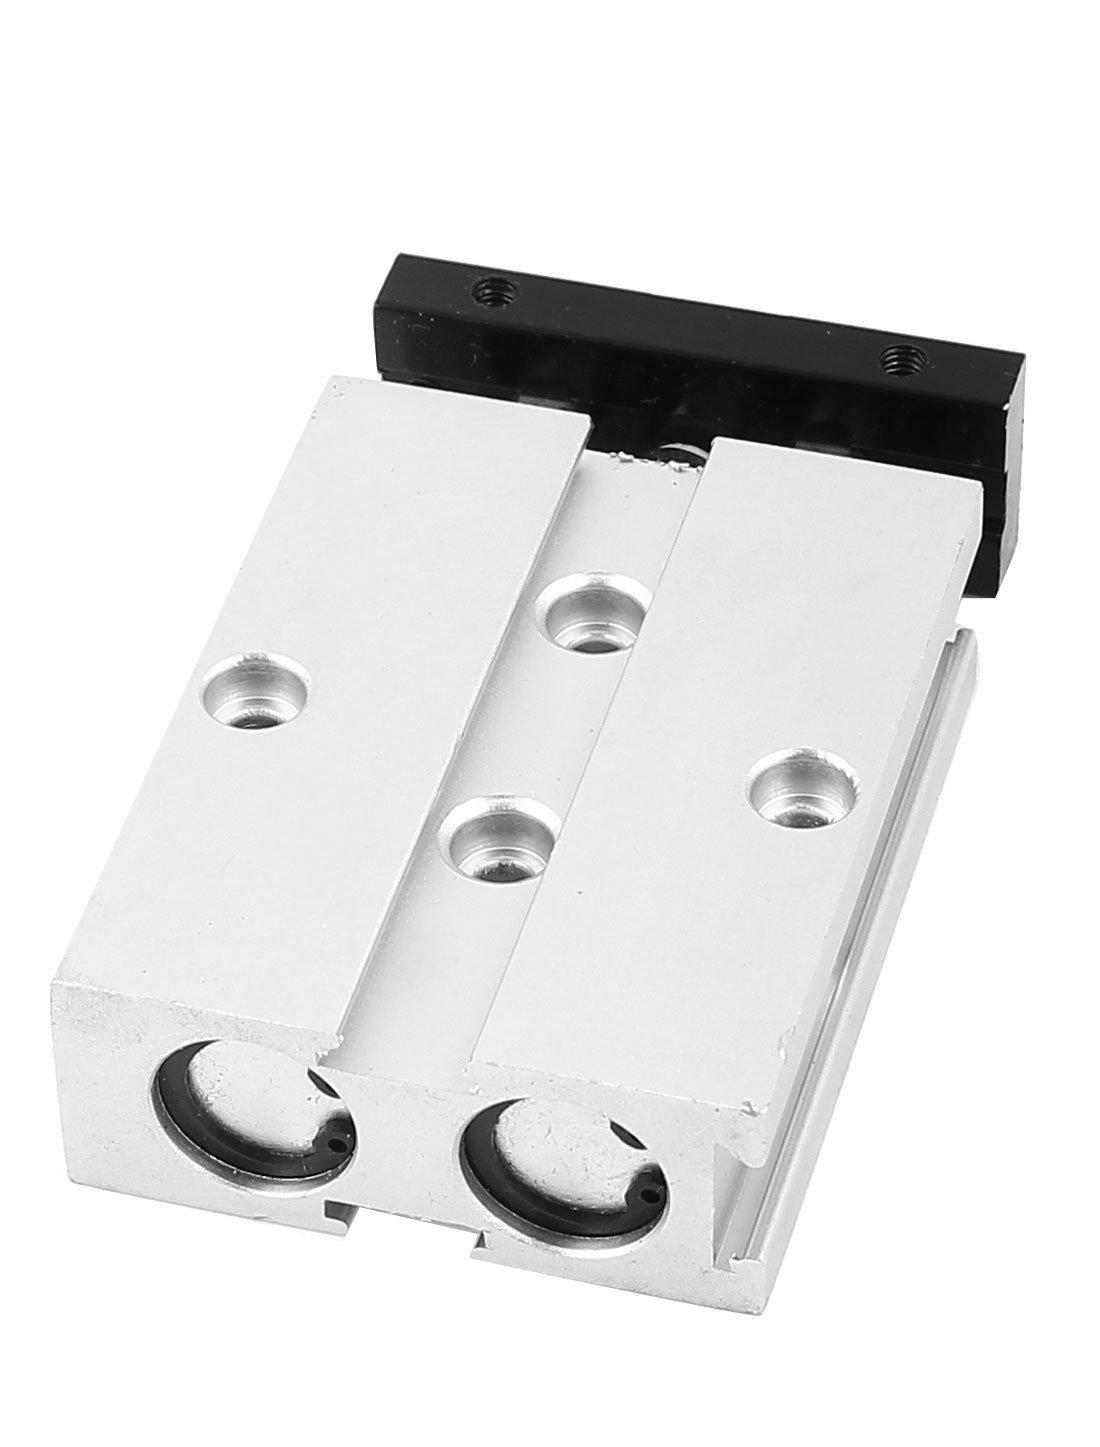 TN10x10 10 mm x 10 mm de doble v/ástago de aleaci/ón de aluminio de aire del cilindro neum/ático